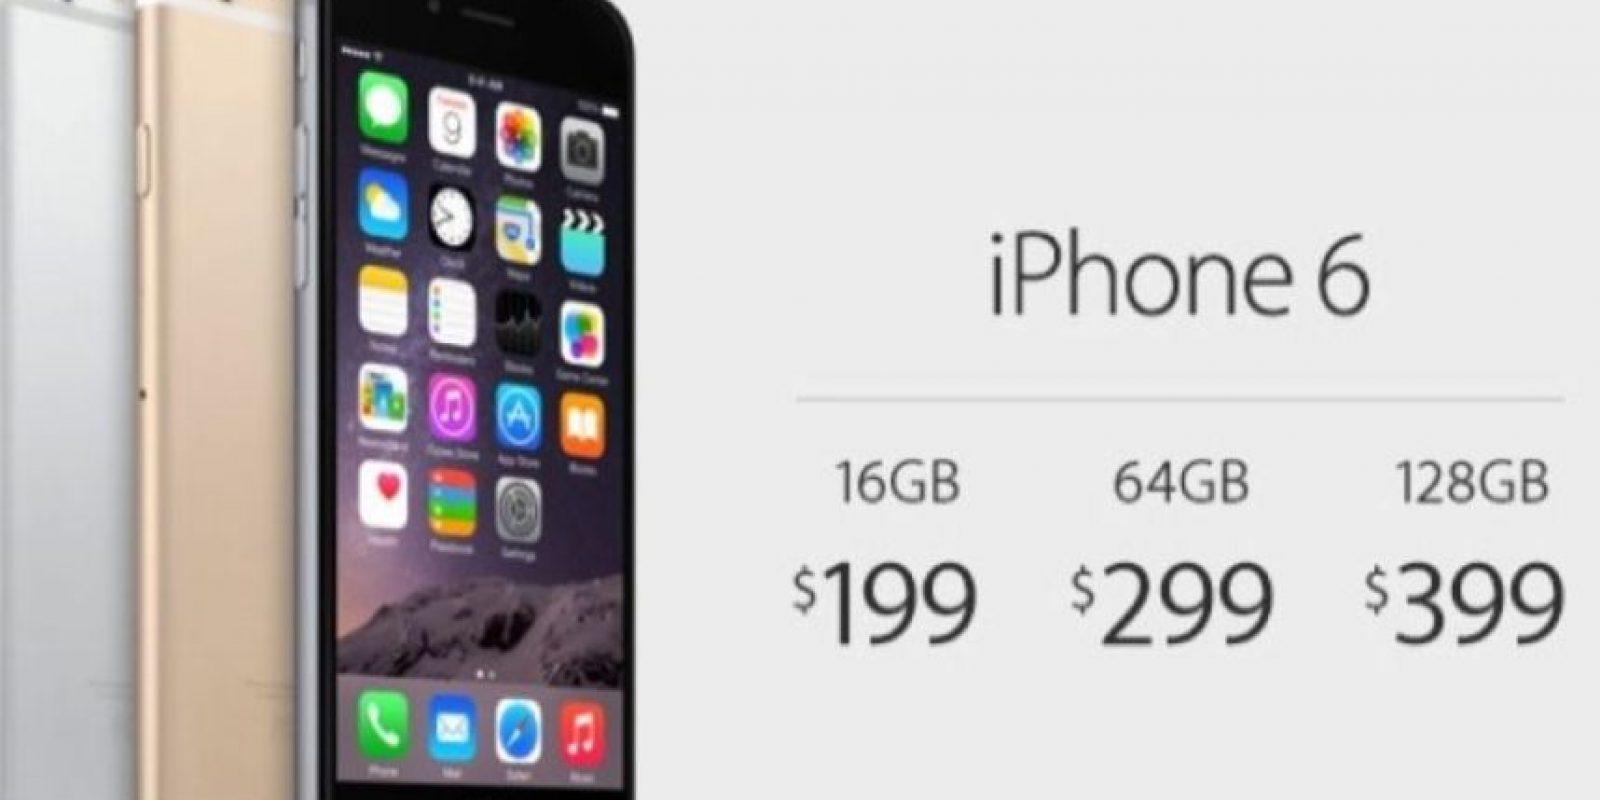 Precio: 199 dólares (16GB), 299 dólaresc (64GB) y 399 dólares (128GB); todos con un contrato de dos años. Foto:Getty Images